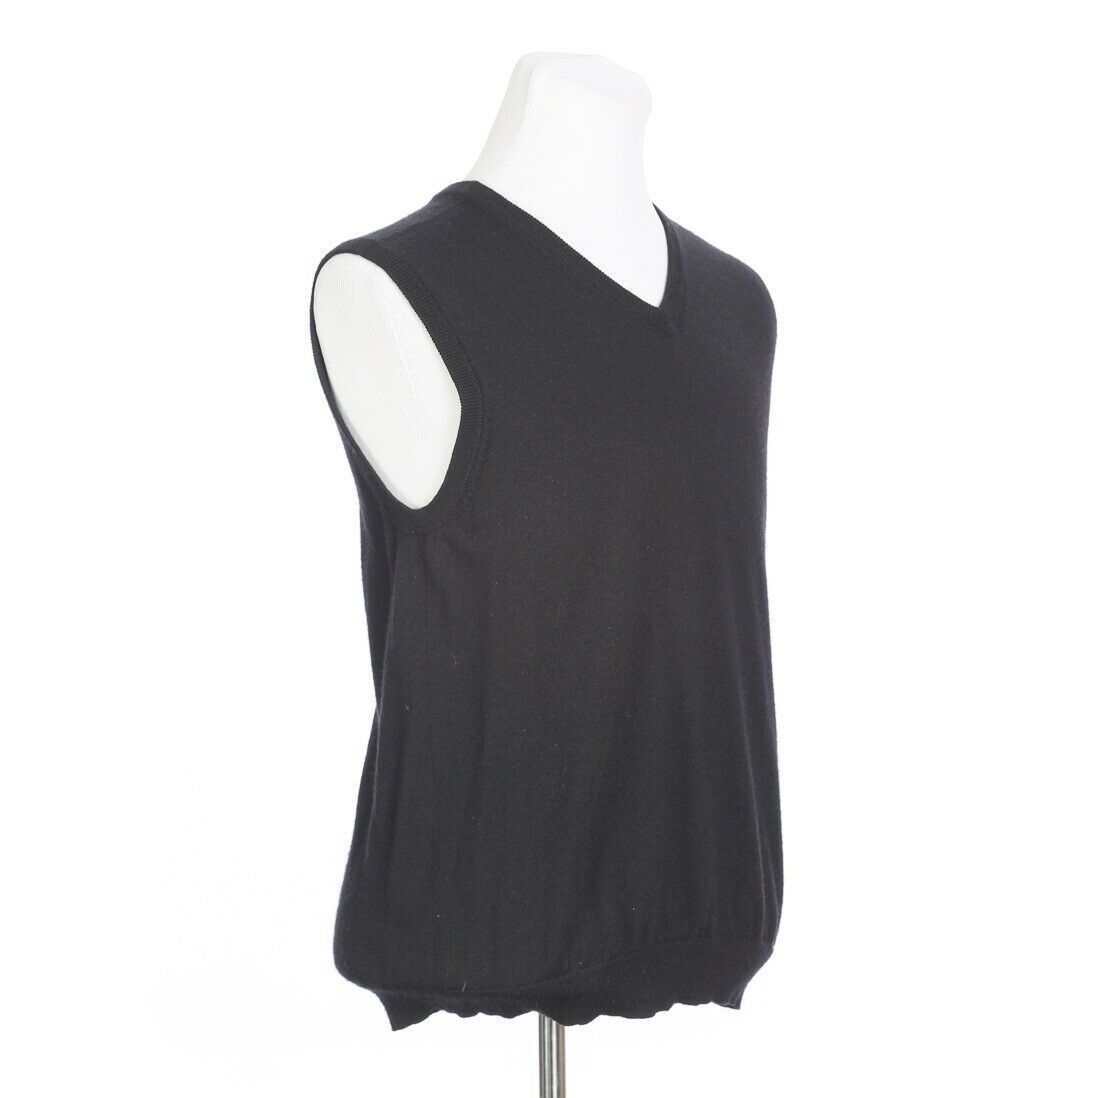 Brooks Brothers Extra Fine Merino Wool Solid Black Sweater Vest Mens Medium image 5